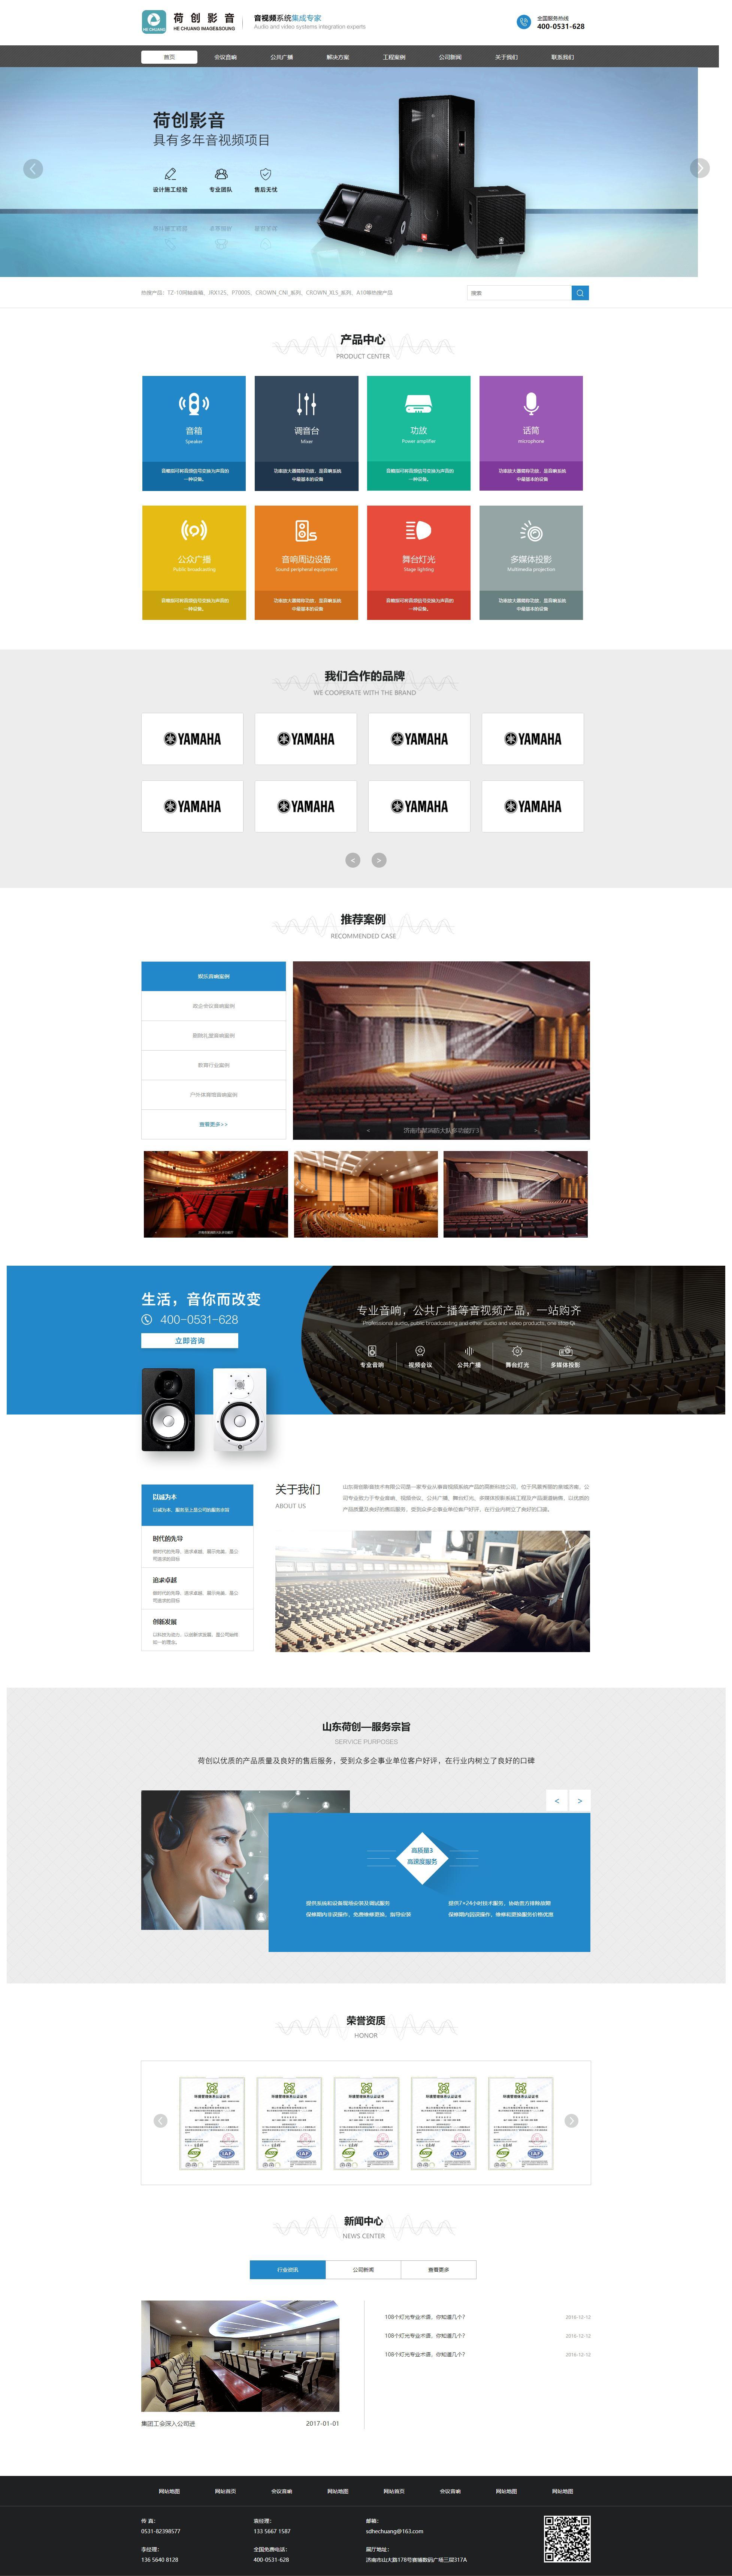 宽屏的音响音频设备技术公司网站静态html模板